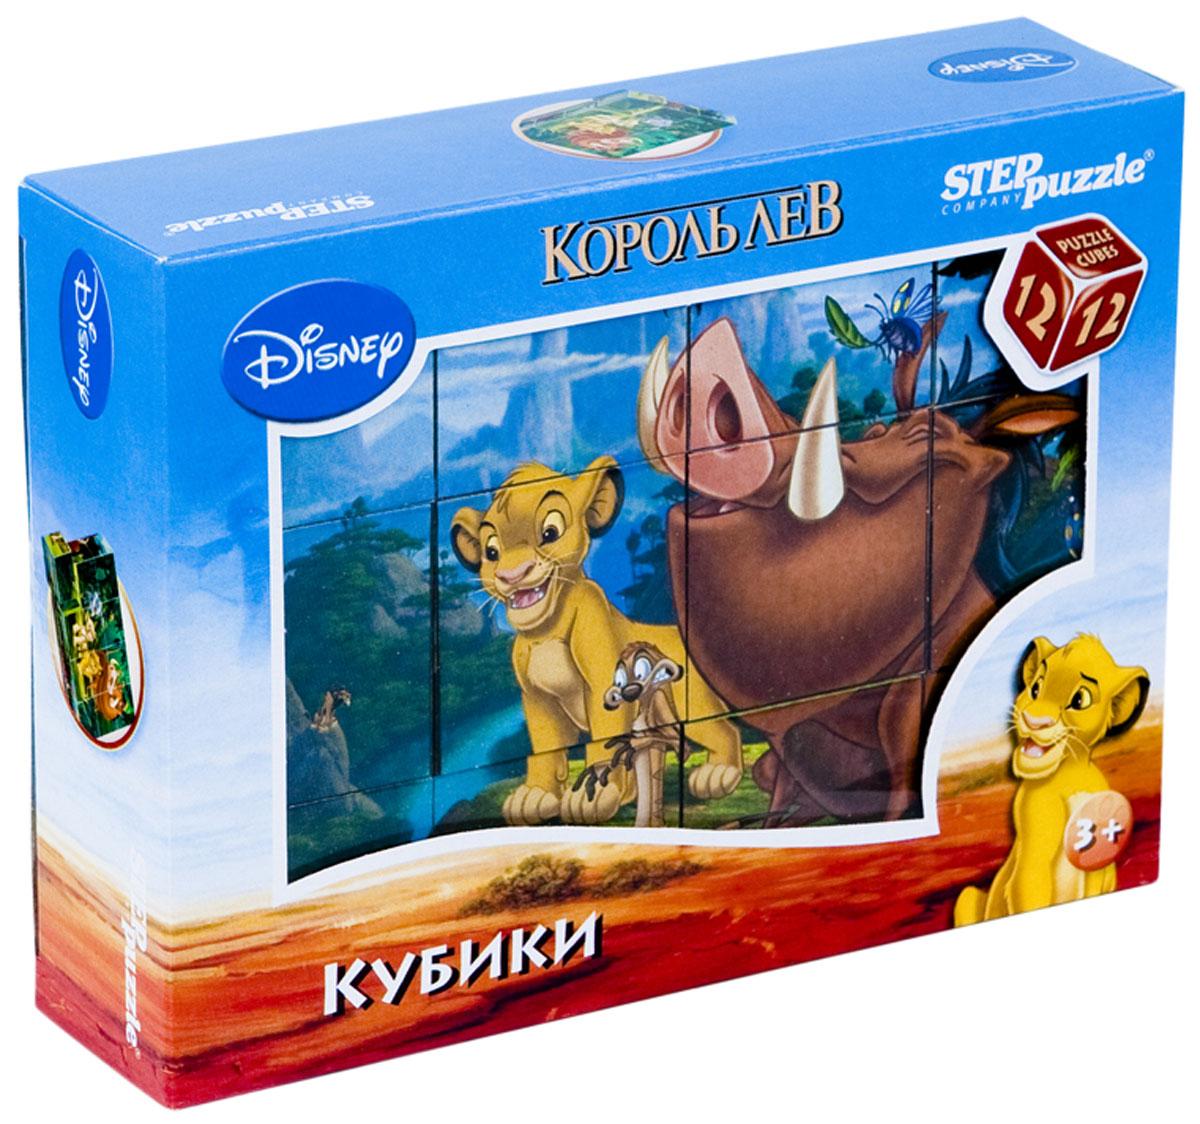 Step Puzzle Кубики Король Лев87156С помощью кубиков Step Puzzle Король Лев ребенок сможет собрать целых шесть красочных картинок с любимыми героями мультфильма Король Лев. Наборы из 12 кубиков - для тех, кто освоил навык сборки картинки из 9 кубиков. Заложенный дидактический принцип От простого к сложному позволит ребёнку поверить свои силы. А герои популярных мультфильмов сделают кубики любимой игрушкой. Игра с кубиками развивает зрительное восприятие, наблюдательность, мелкую моторику рук и произвольные движения. Ребенок научится складывать целостный образ из частей, определять недостающие детали изображения. Это прекрасный комплект для развлечения и времяпрепровождения с пользой для малыша.